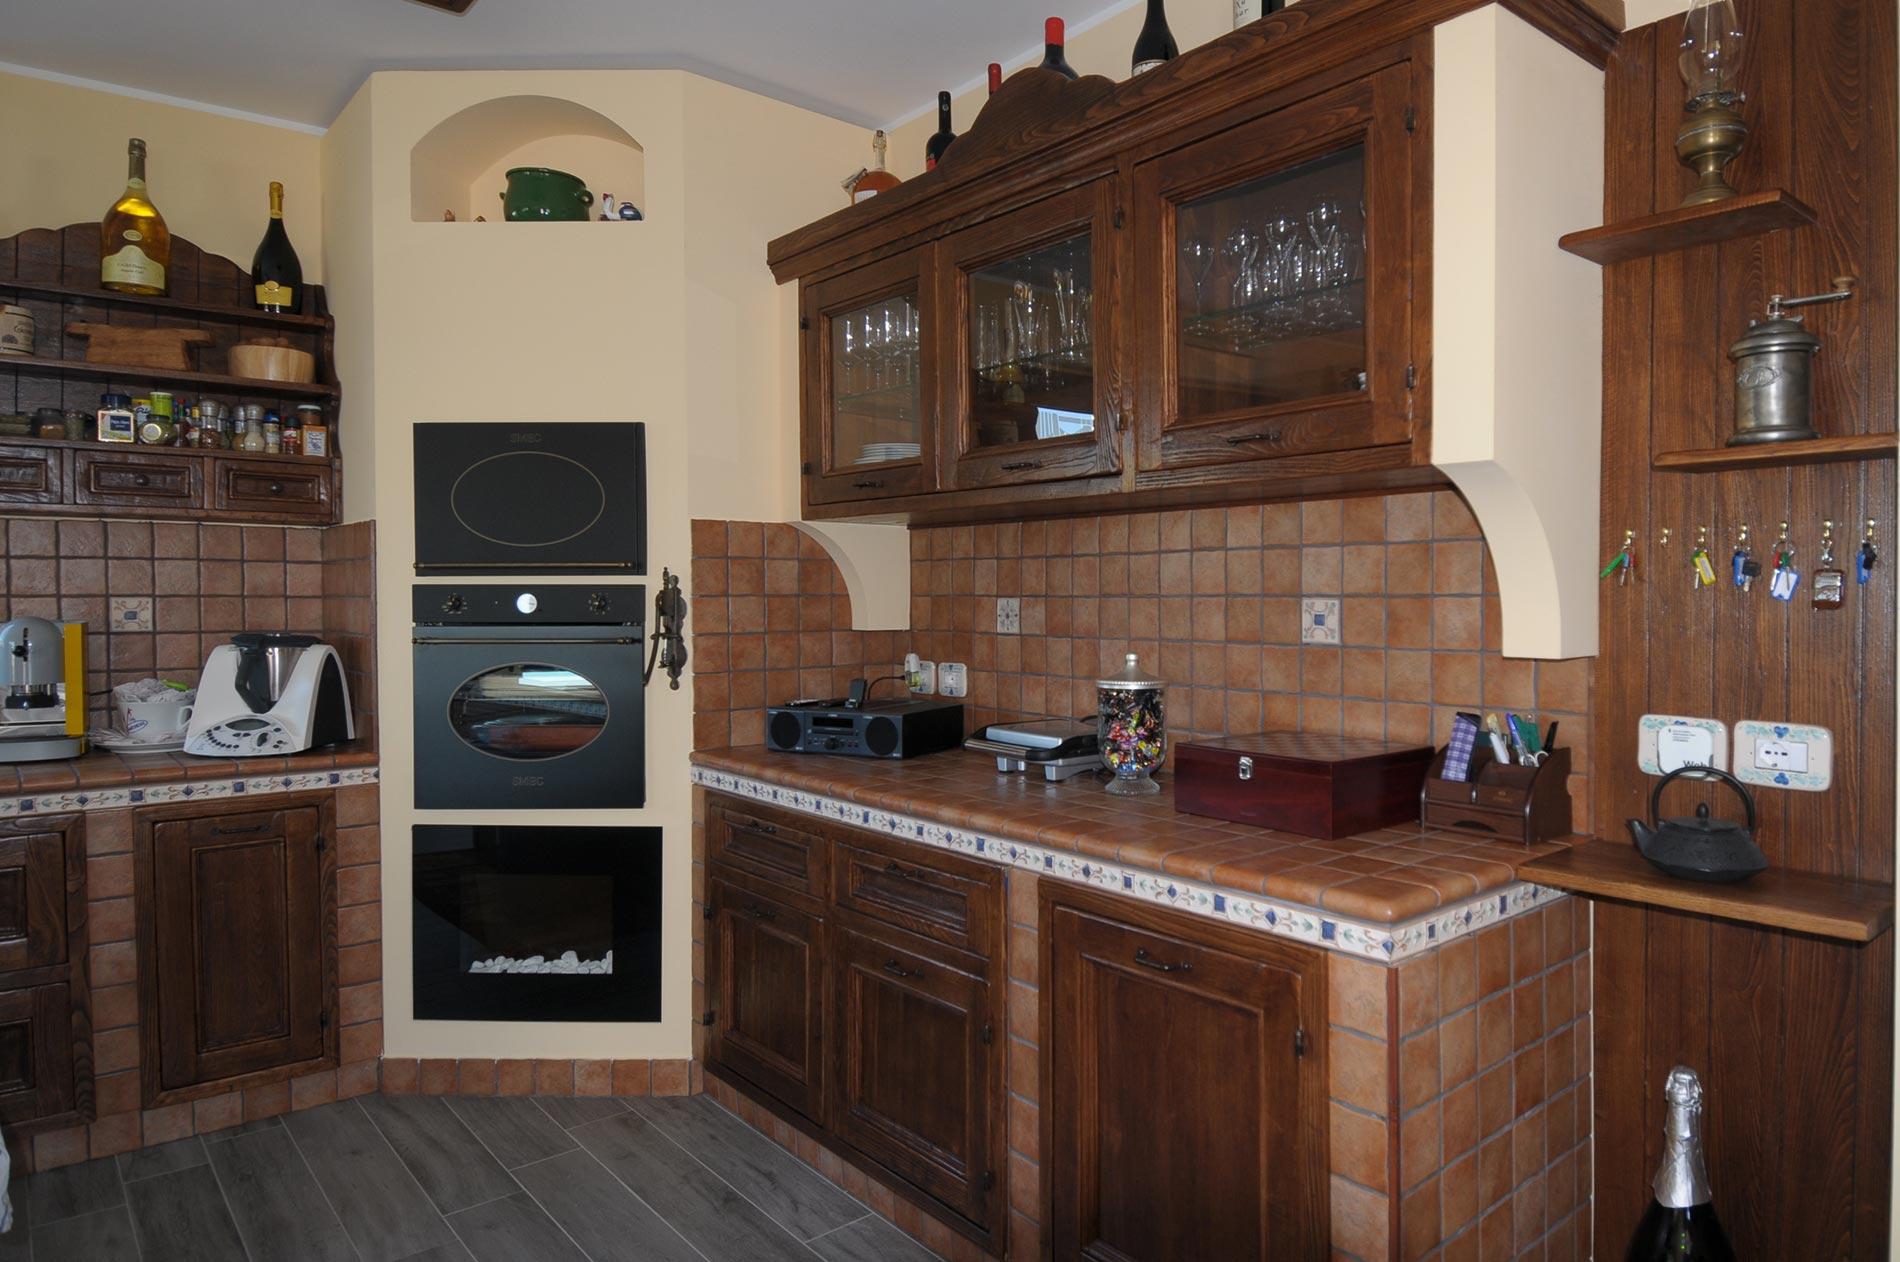 Modelli cucine gallery of che stile di cucina preferisci - Cucine finta muratura lube ...